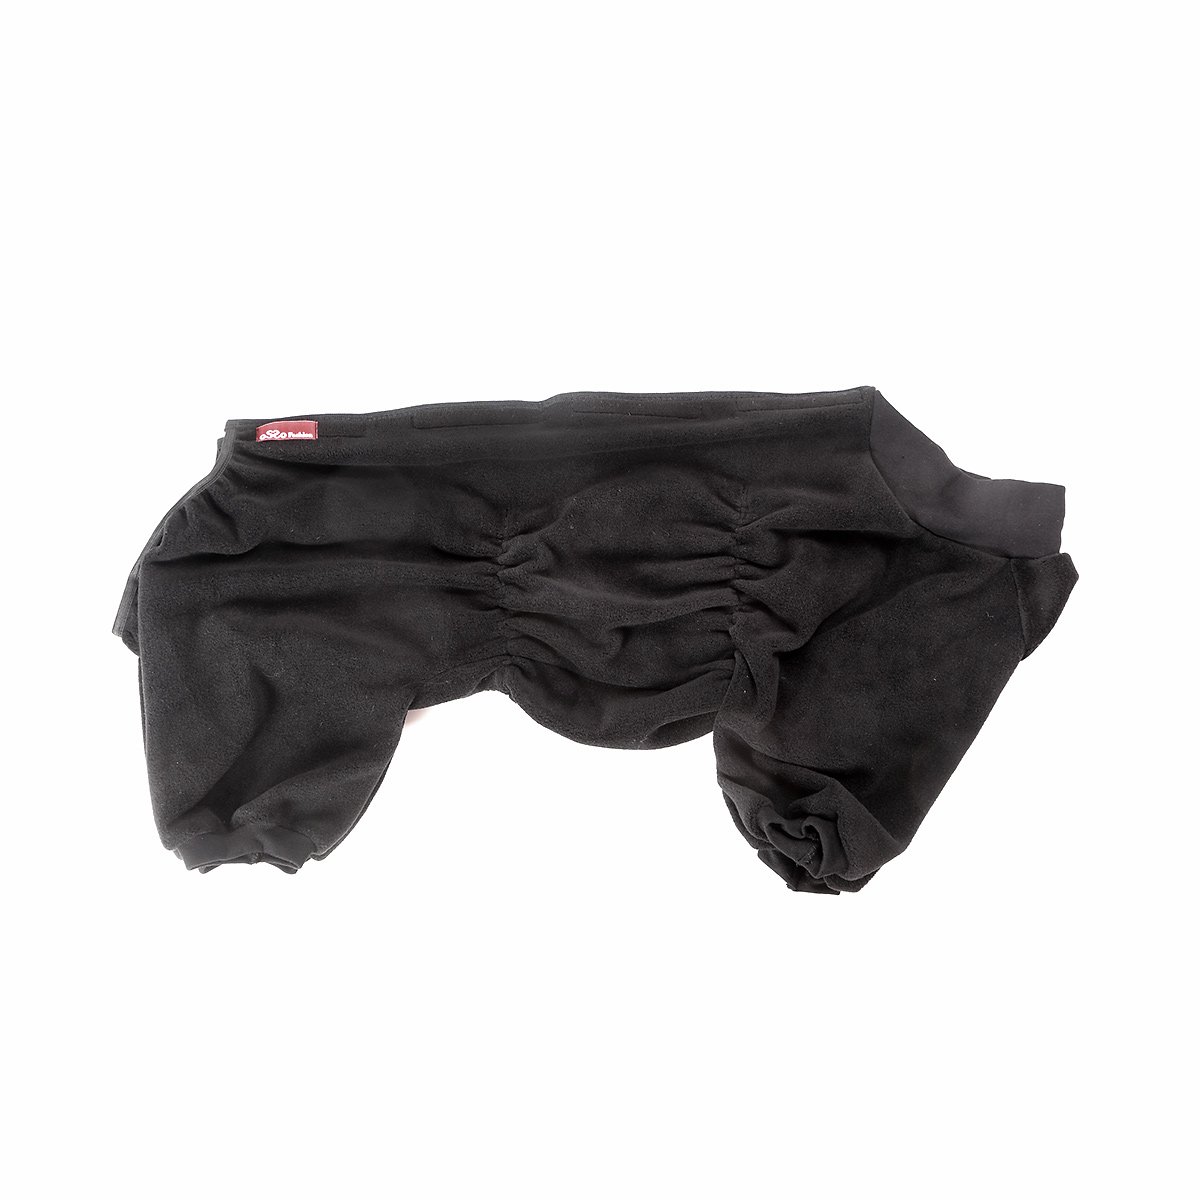 Комбинезон для собак OSSO Fashion, для мальчика, цвет: графит. Размер 50KZ002290Комбинезон для собак OSSO Fashion выполнен из флиса. Комфортная посадка по корпусу достигается за счет резинок-утяжек под грудью и животом. На воротнике имеются завязки, для дополнительной фиксации. Можно носить самостоятельно и как поддевку под комбинезон для собак. Изделие отлично стирается, быстро сохнет.Длина спинки: 50 см.Объем груди: 58-82 см.